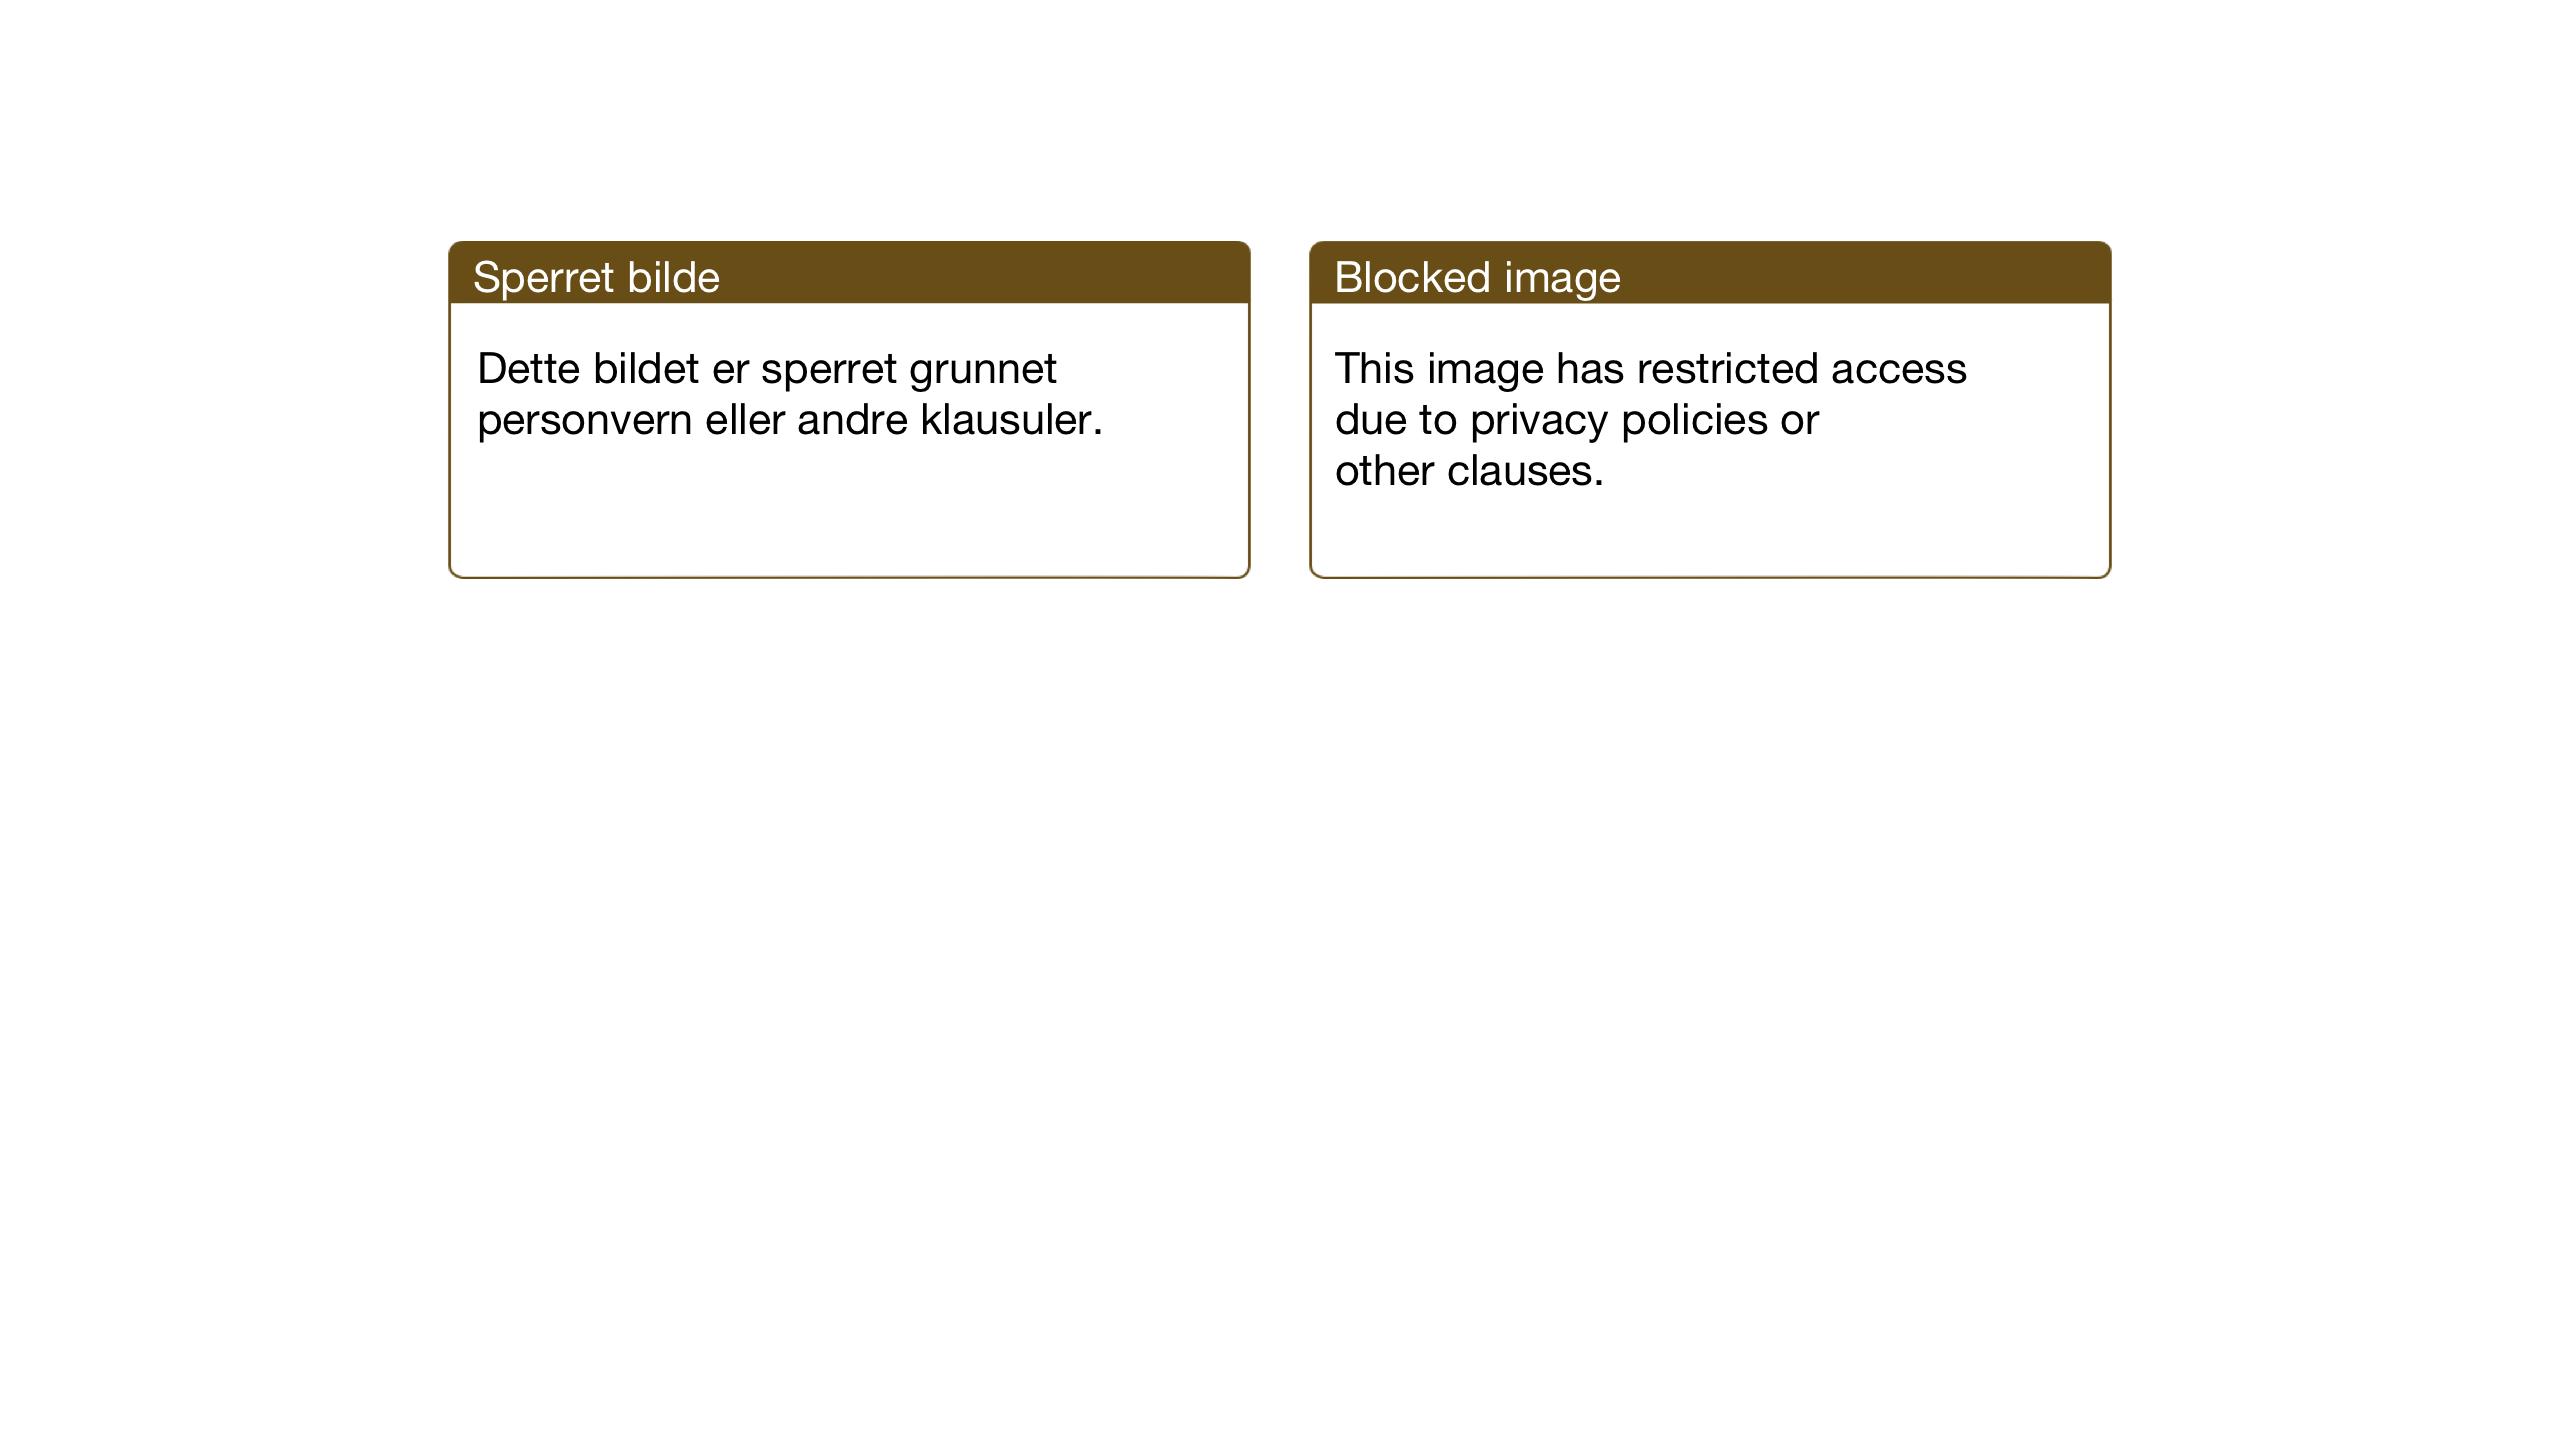 SAT, Ministerialprotokoller, klokkerbøker og fødselsregistre - Sør-Trøndelag, 674/L0878: Klokkerbok nr. 674C05, 1941-1950, s. 85